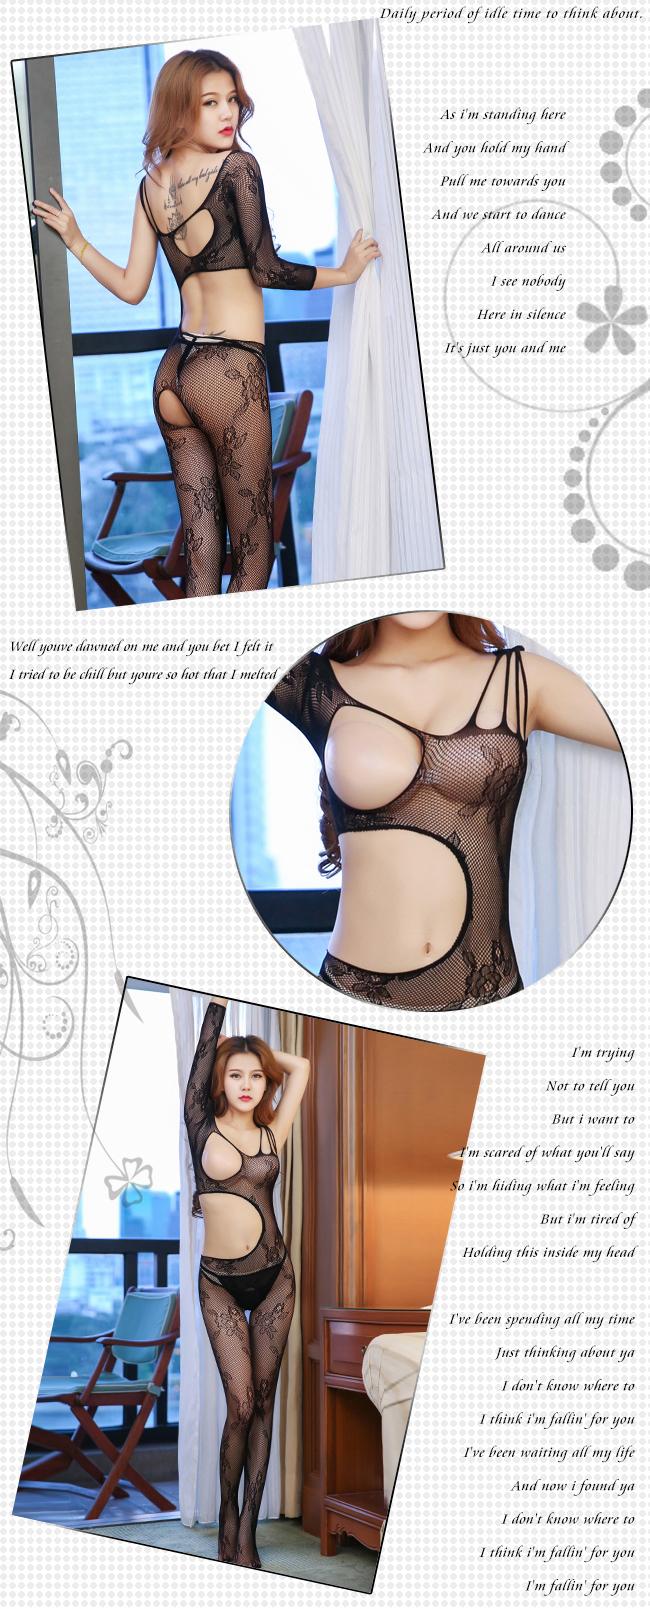 蜜語糖衣!腰際挖空露乳開襠造型連身網衣